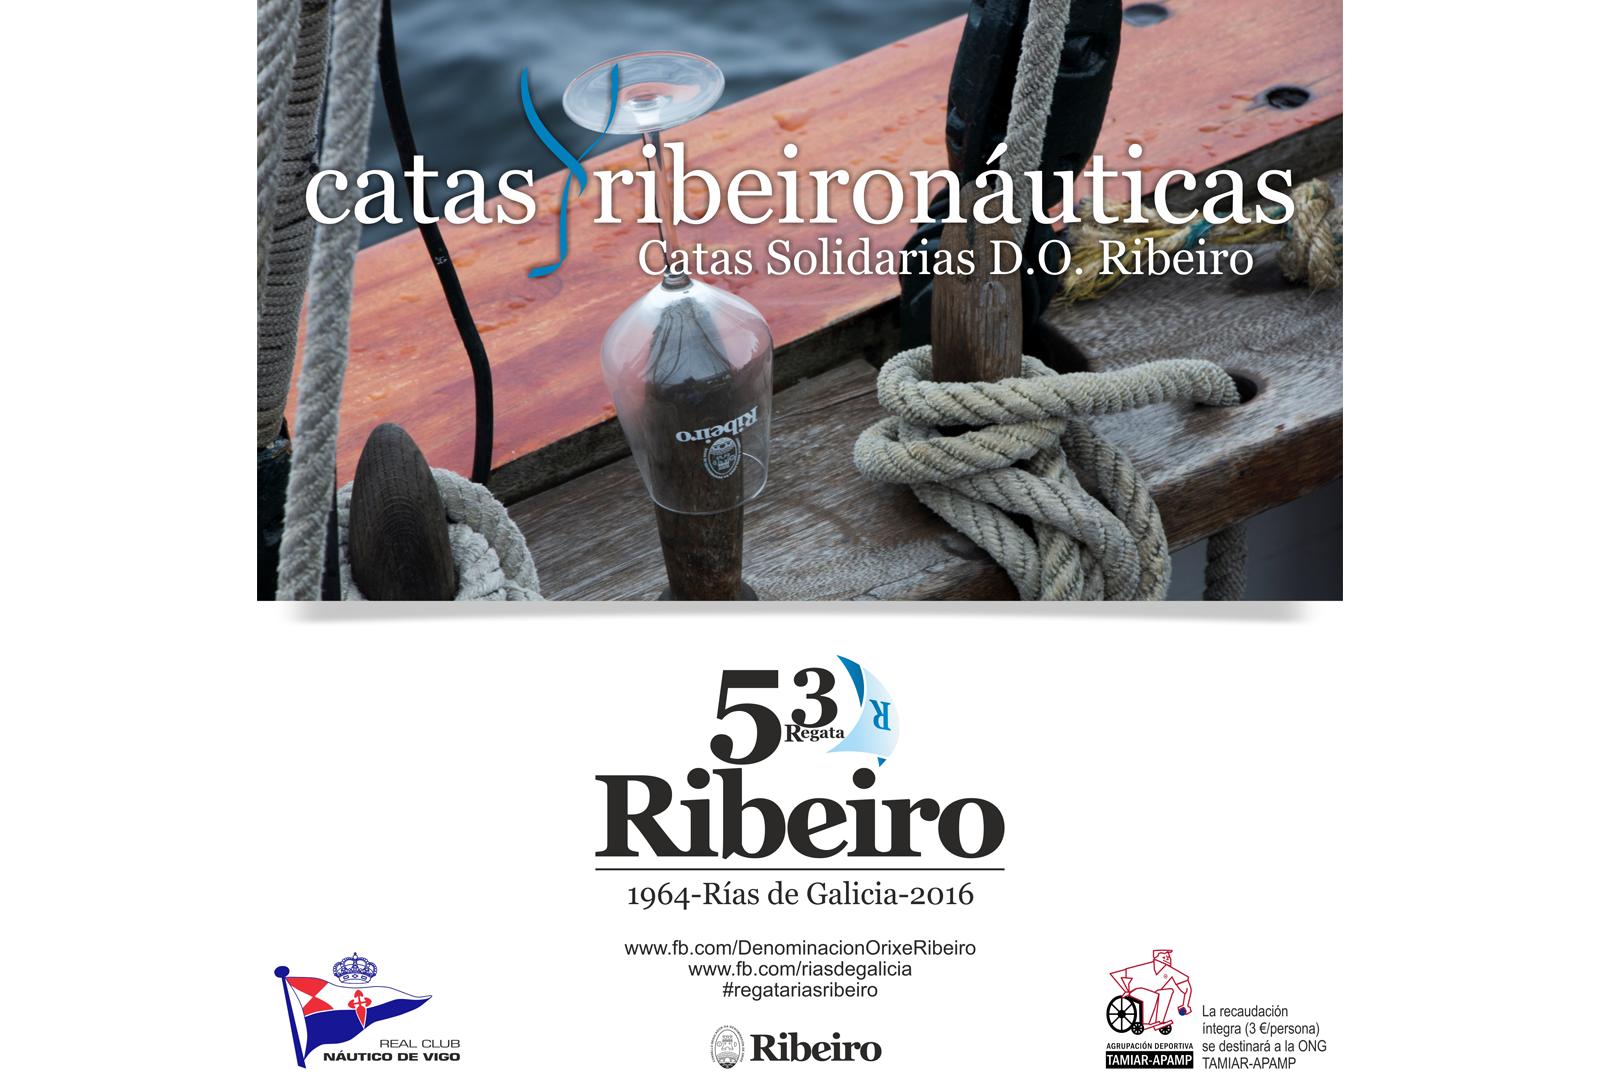 Catas solidarias abre la Regata Ribeiro